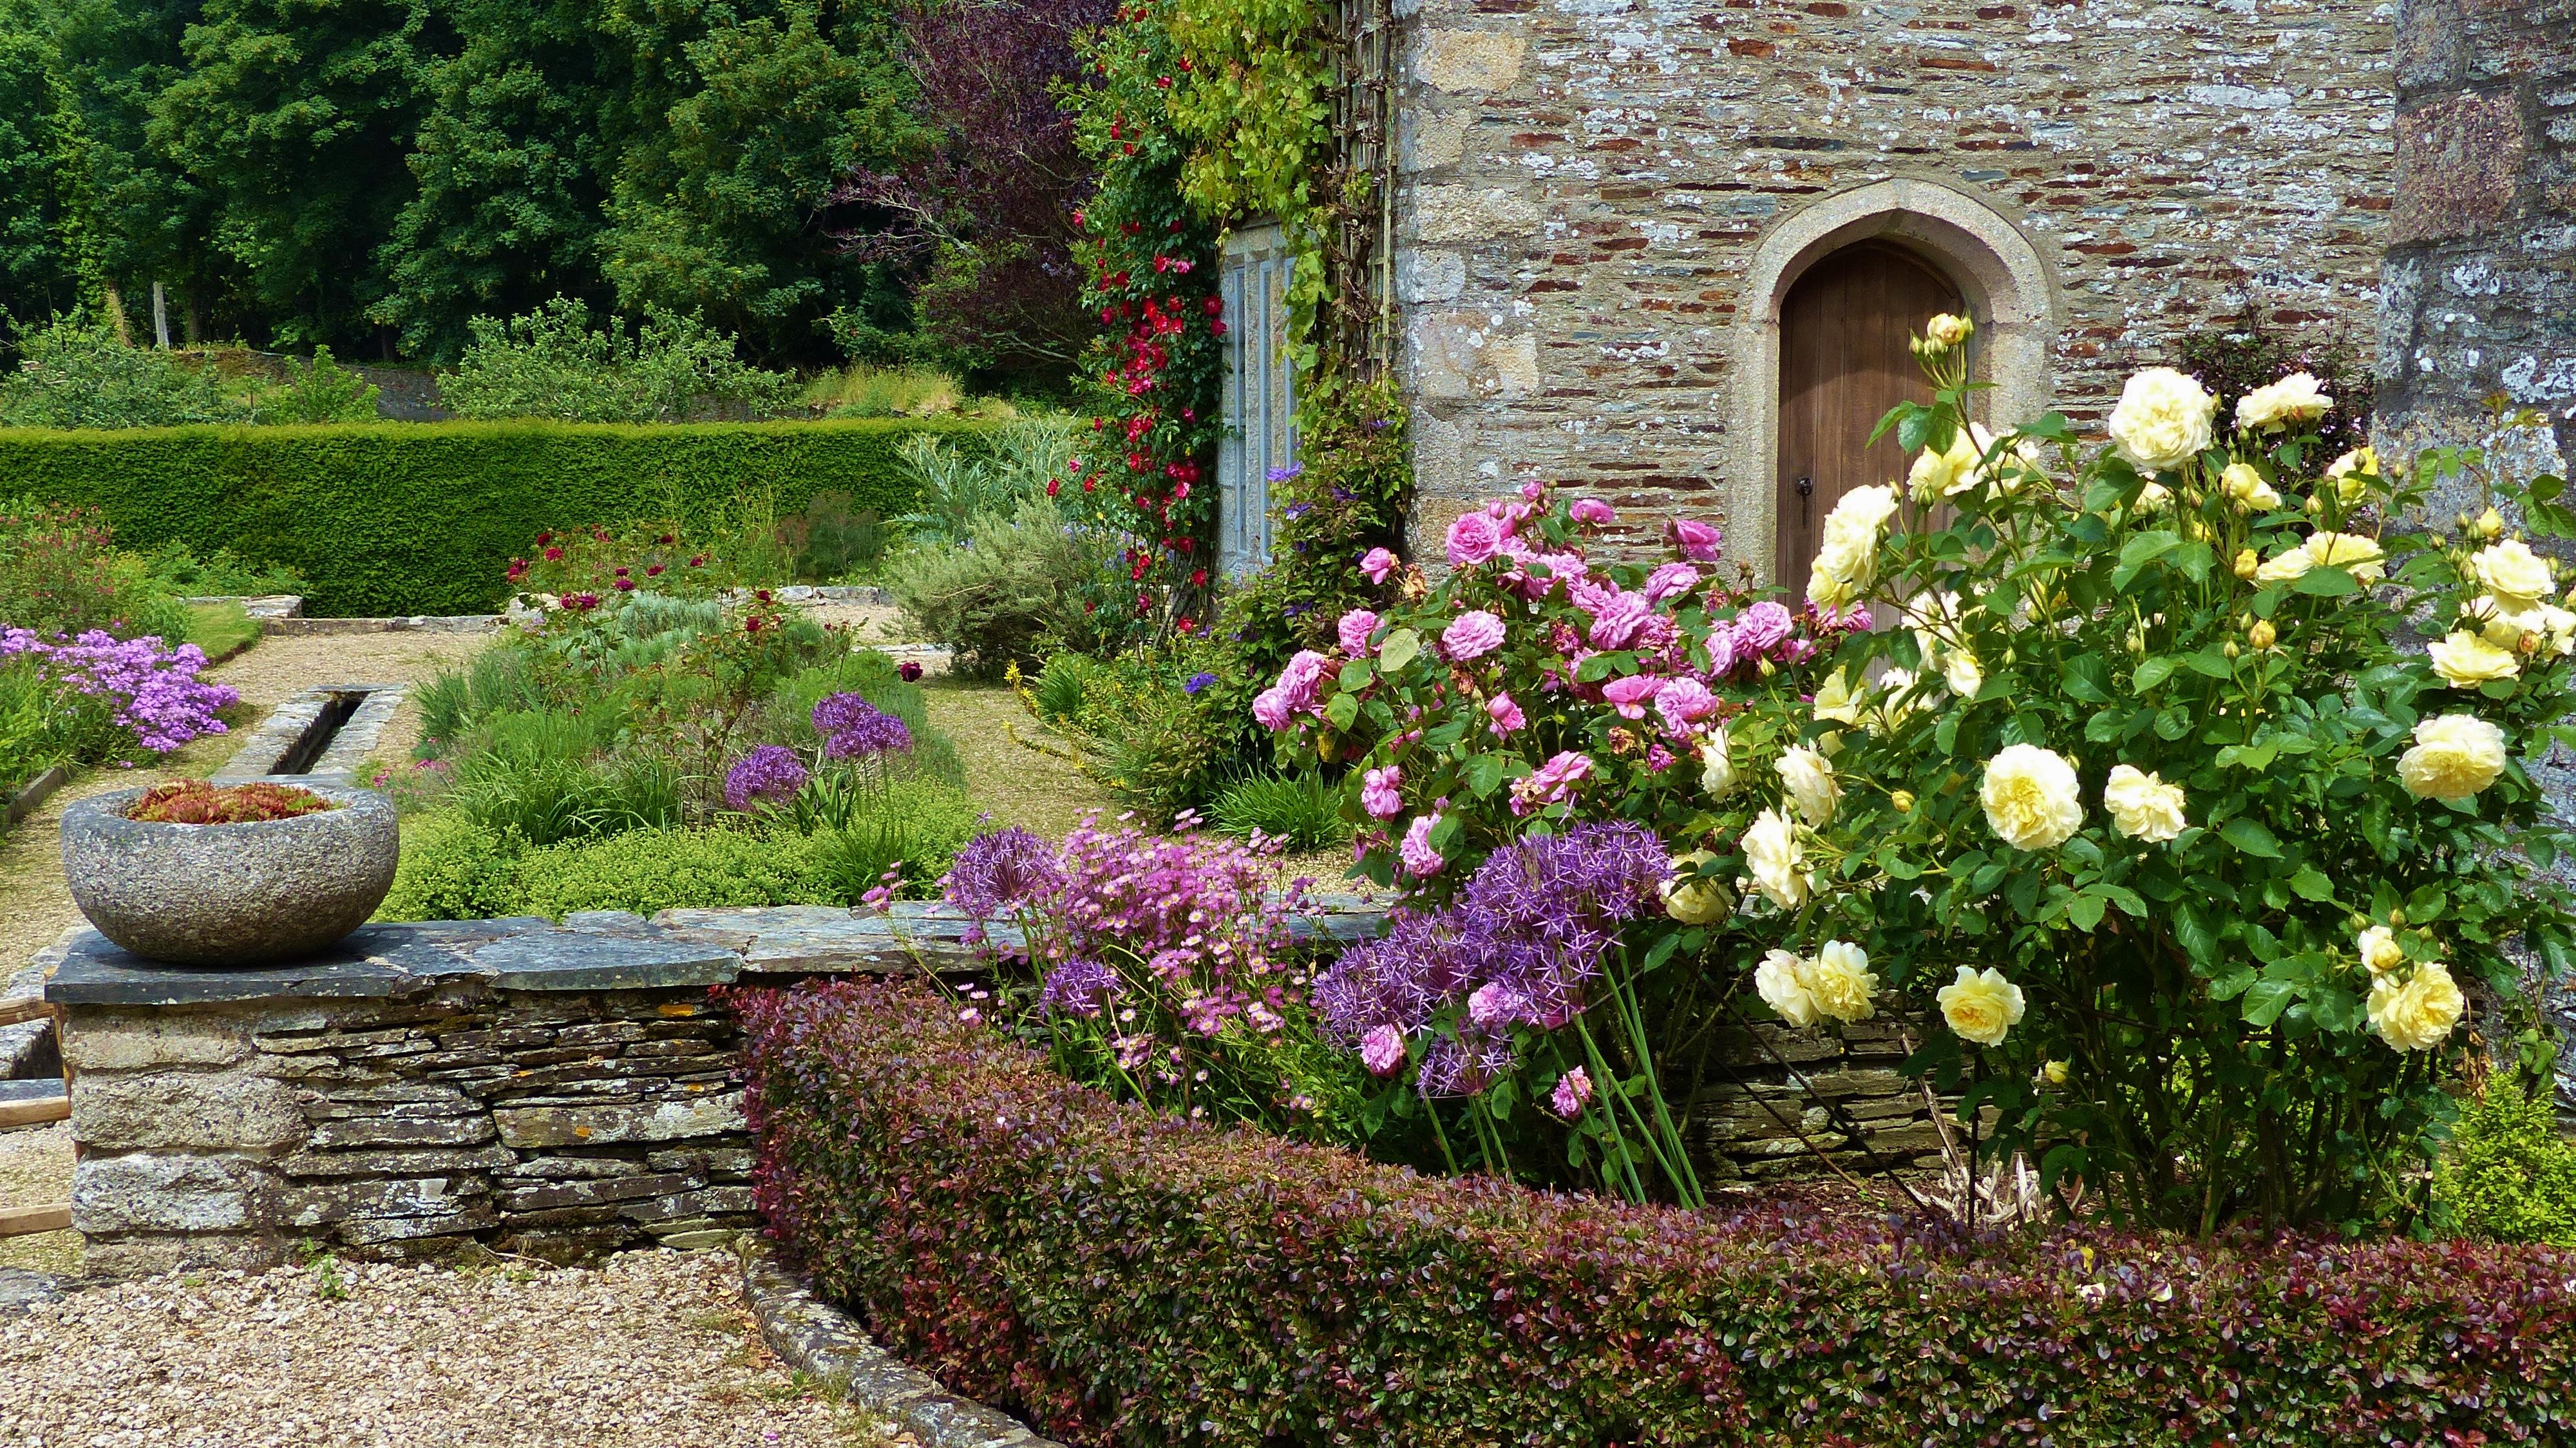 Gärten In Cornwall 27 juni nach cornwall f e r n w e h